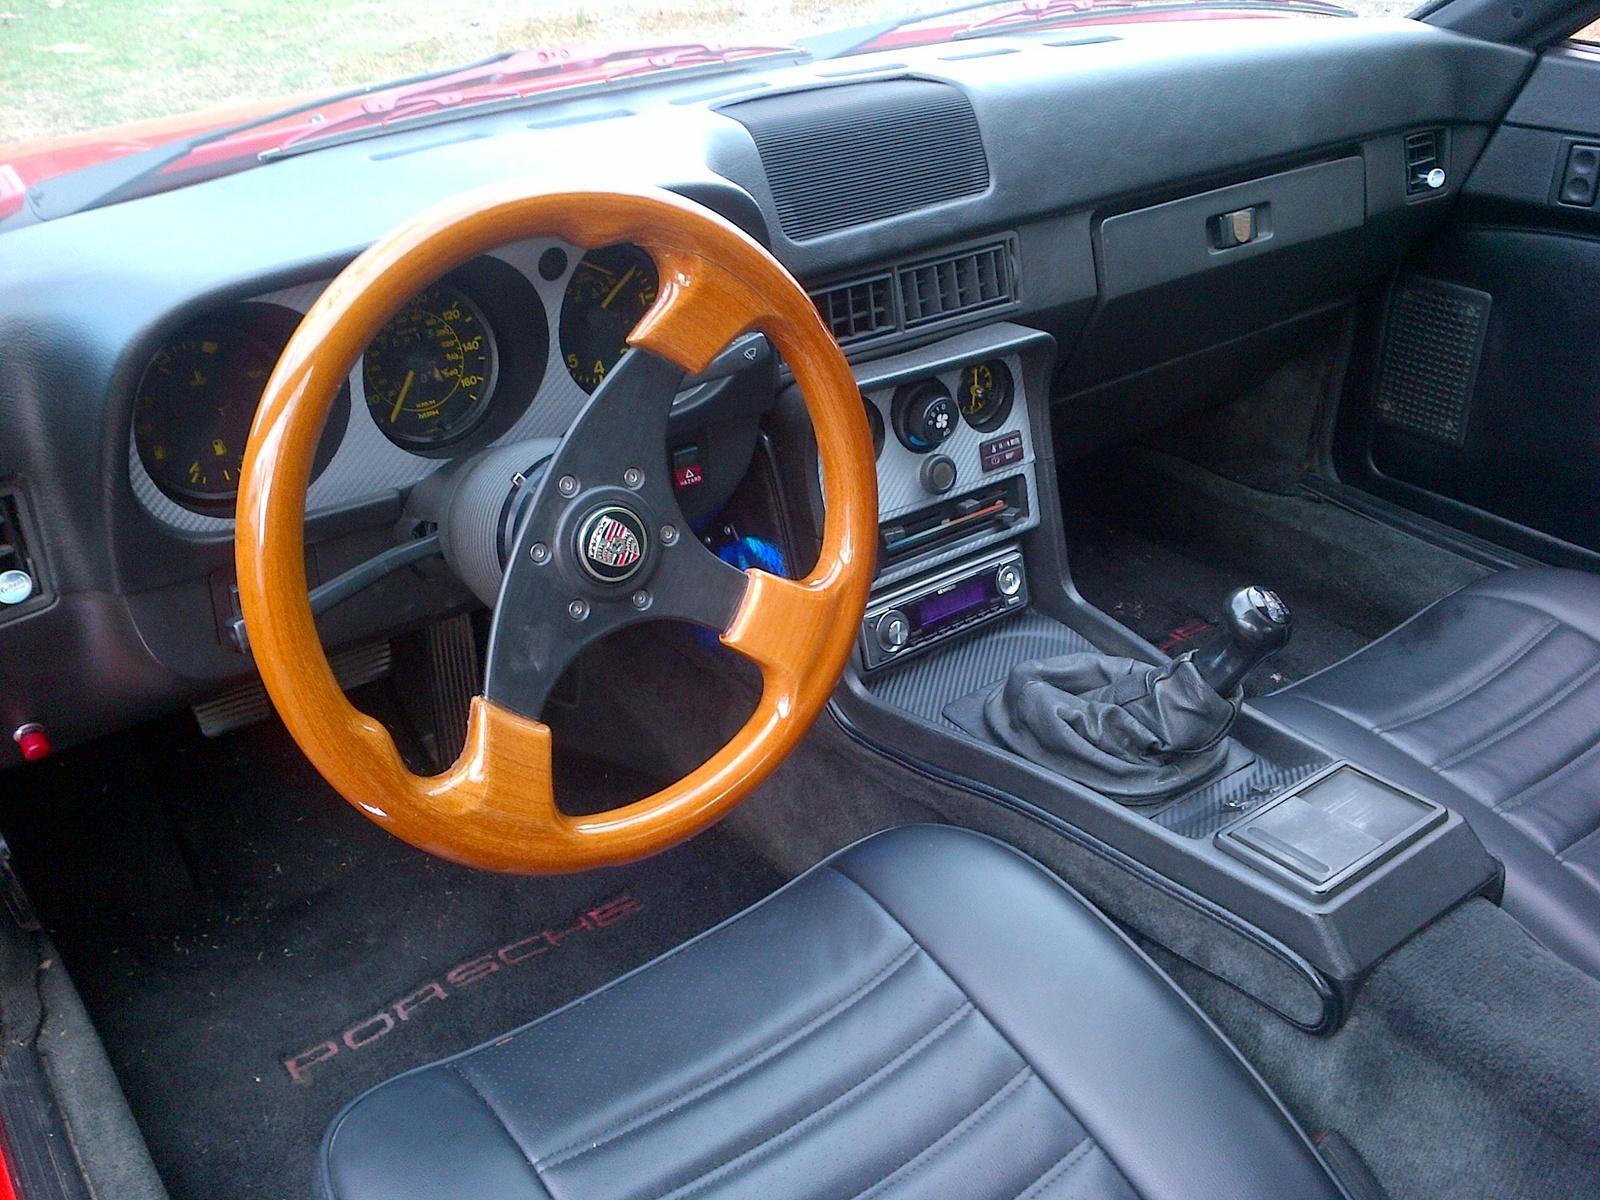 1983 porsche 944 interior pictures cargurus for Porsche 944 interieur